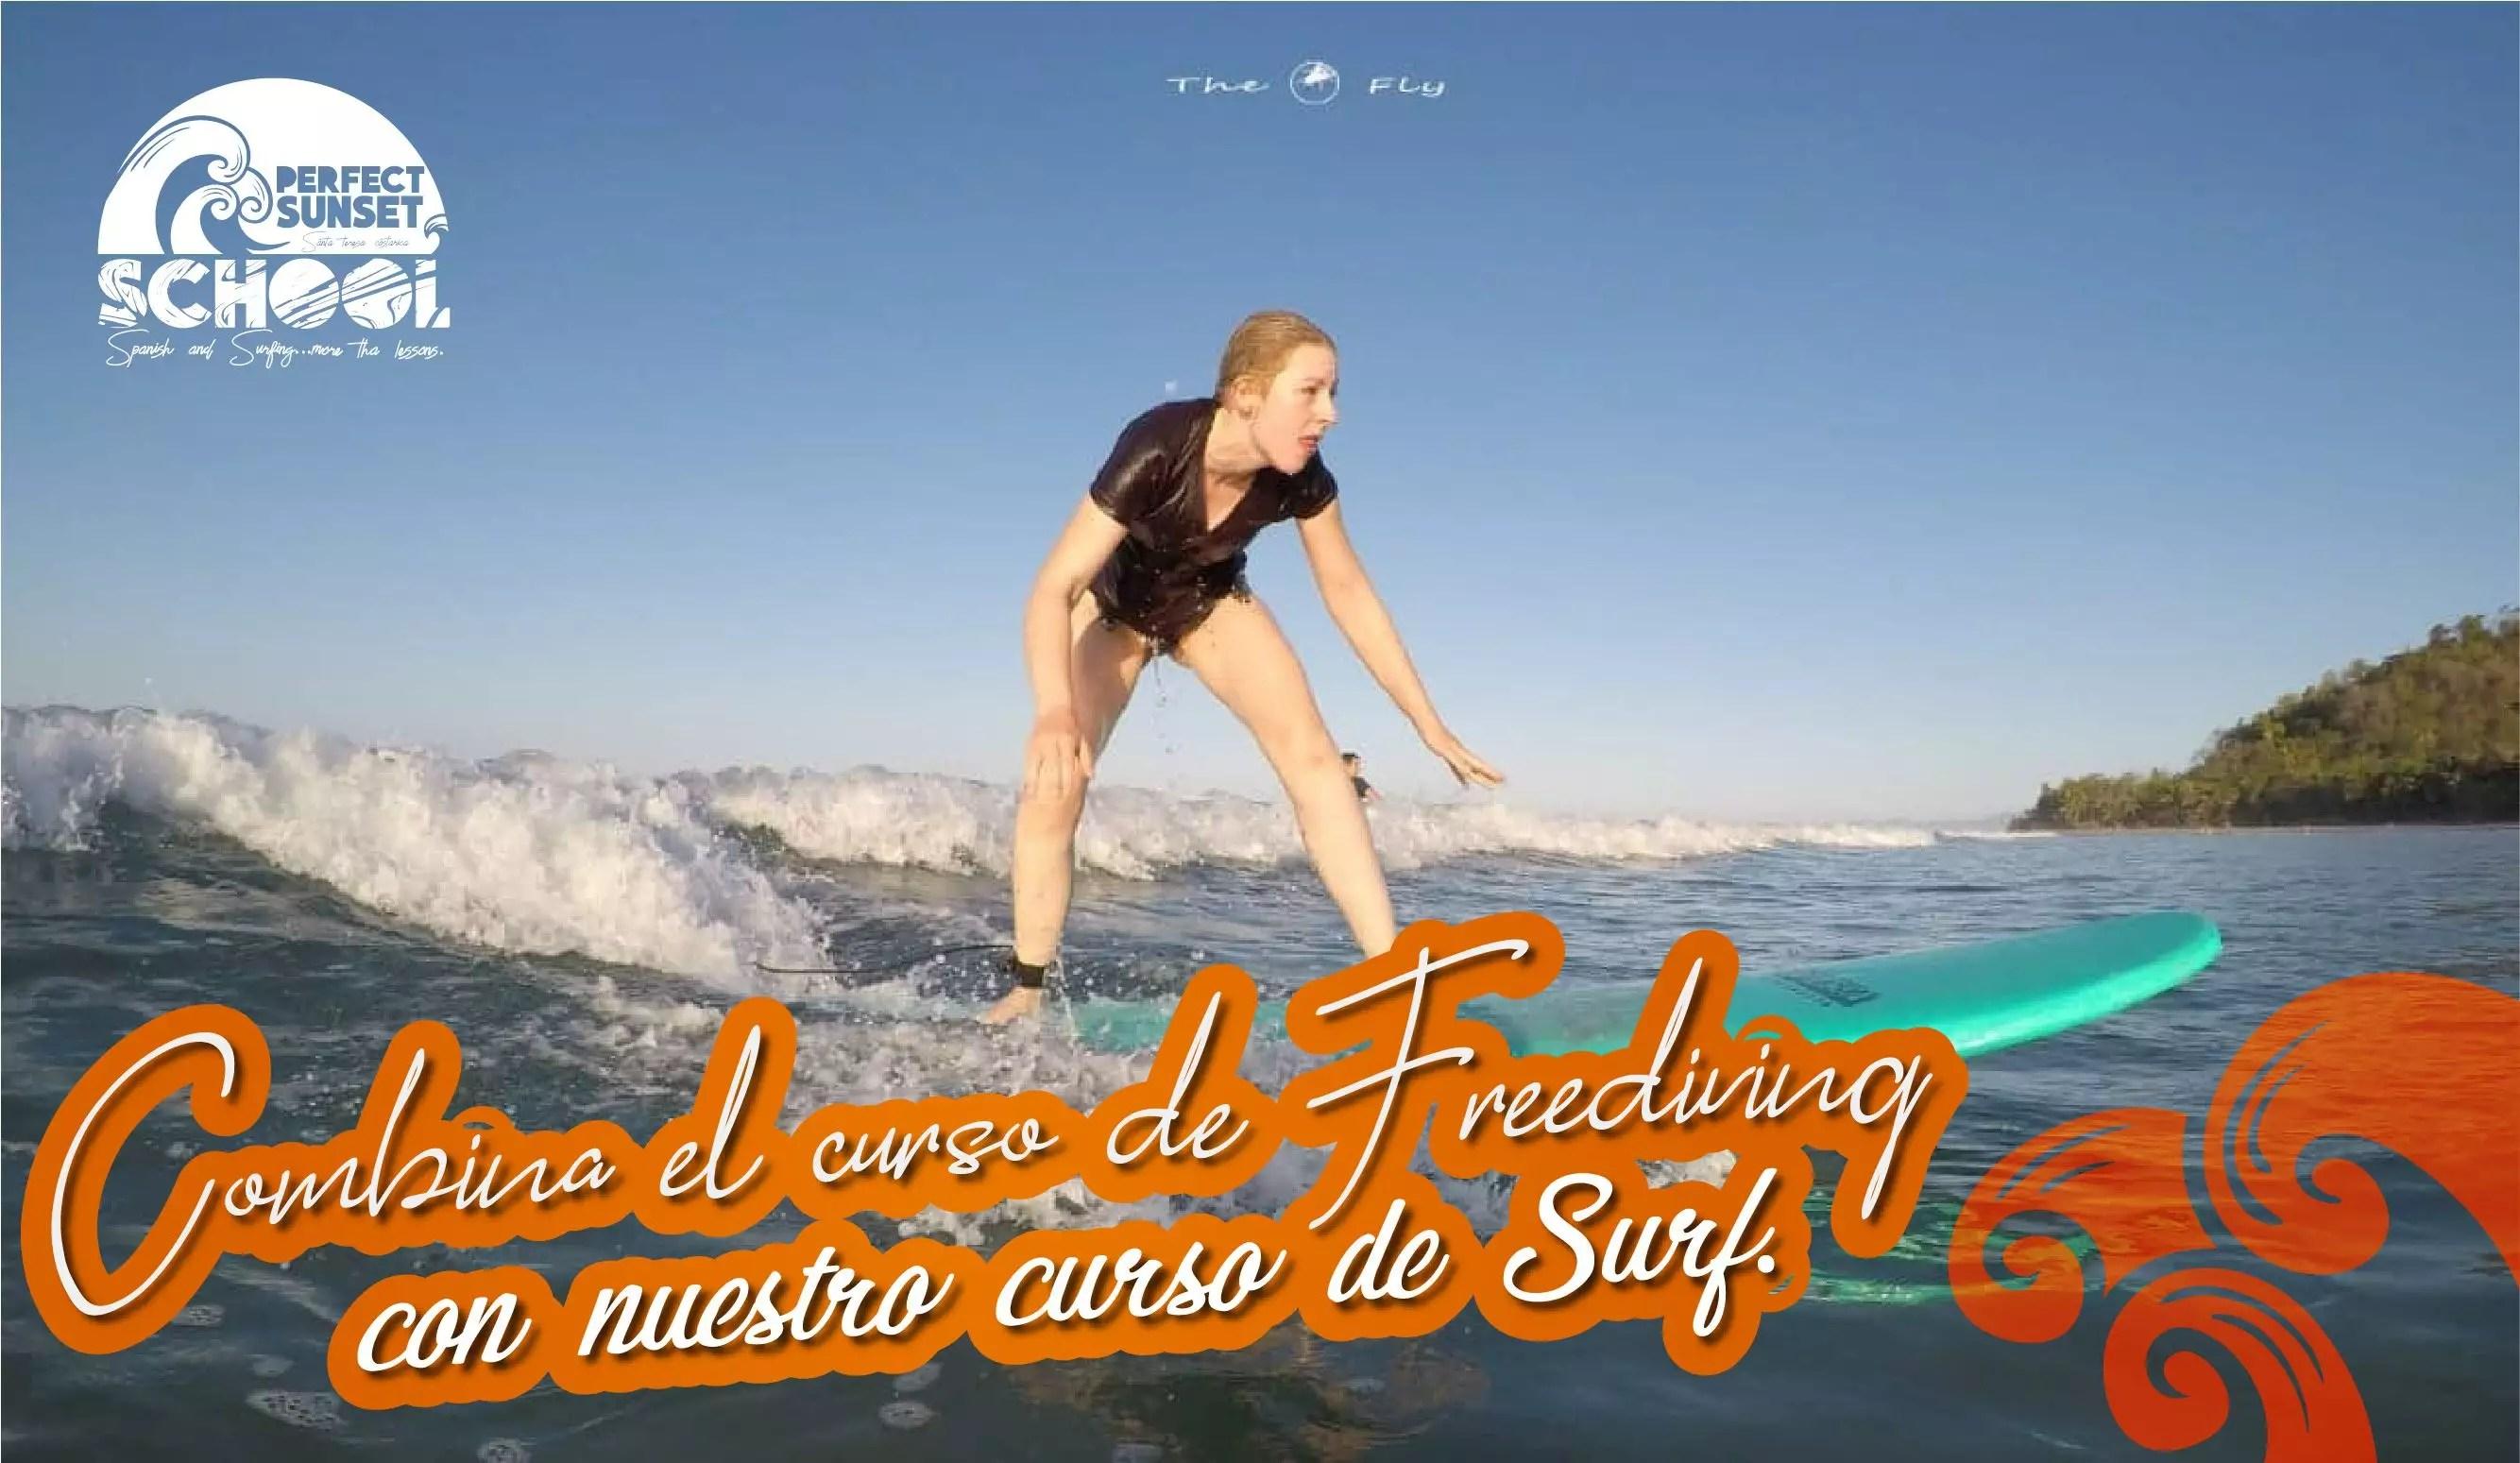 combina con el curso de surf en costa rica